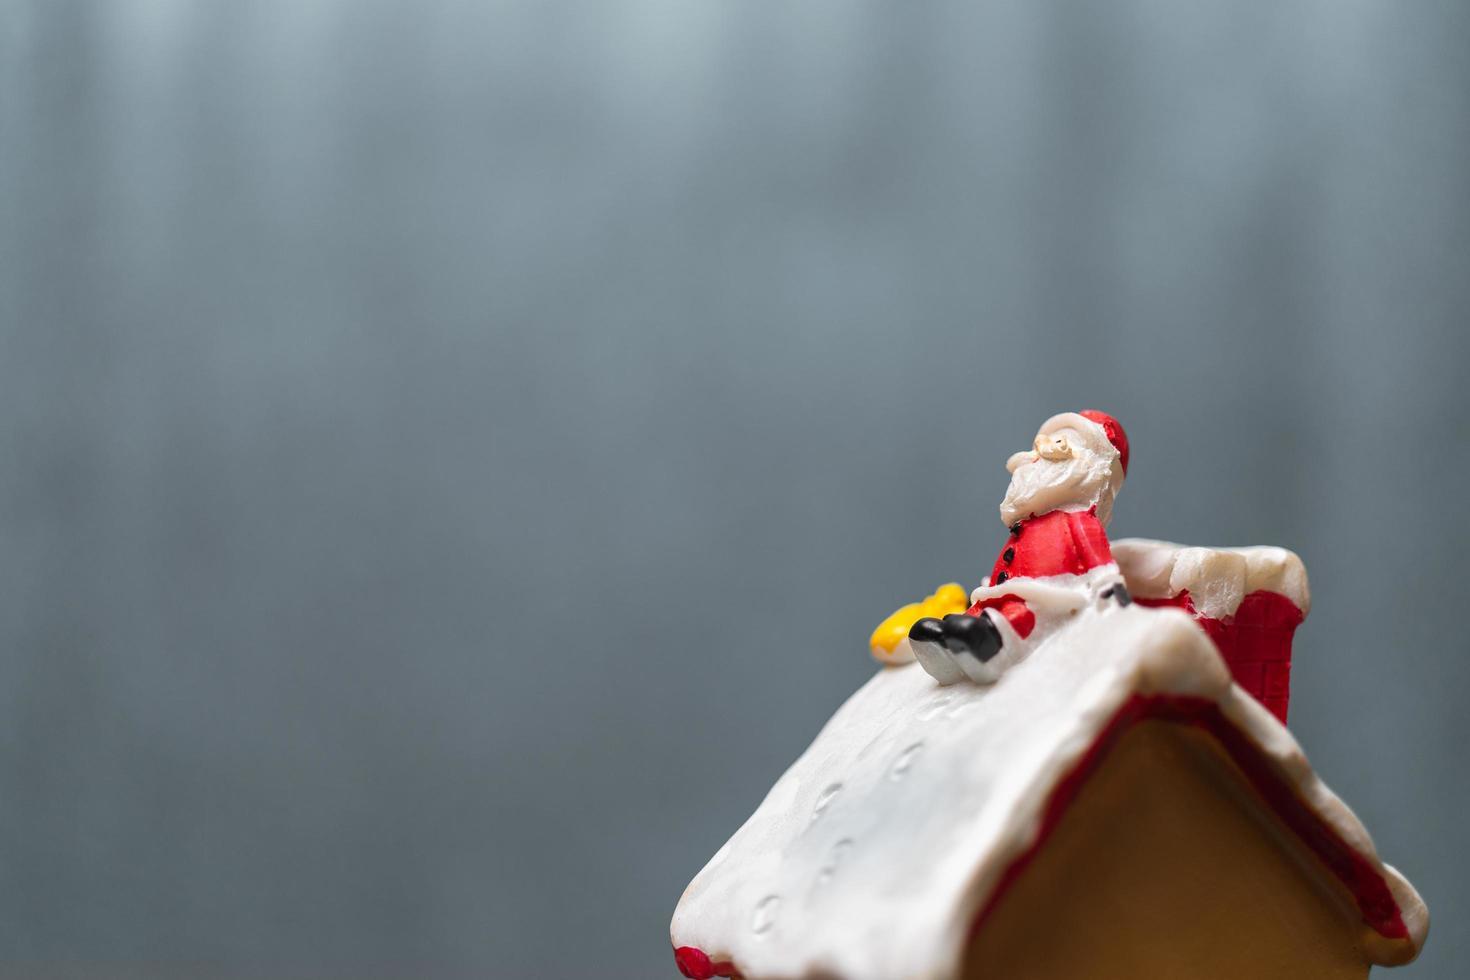 miniatuur kerstman zittend op een dak, kerstlegende en prettige vakantie concept foto